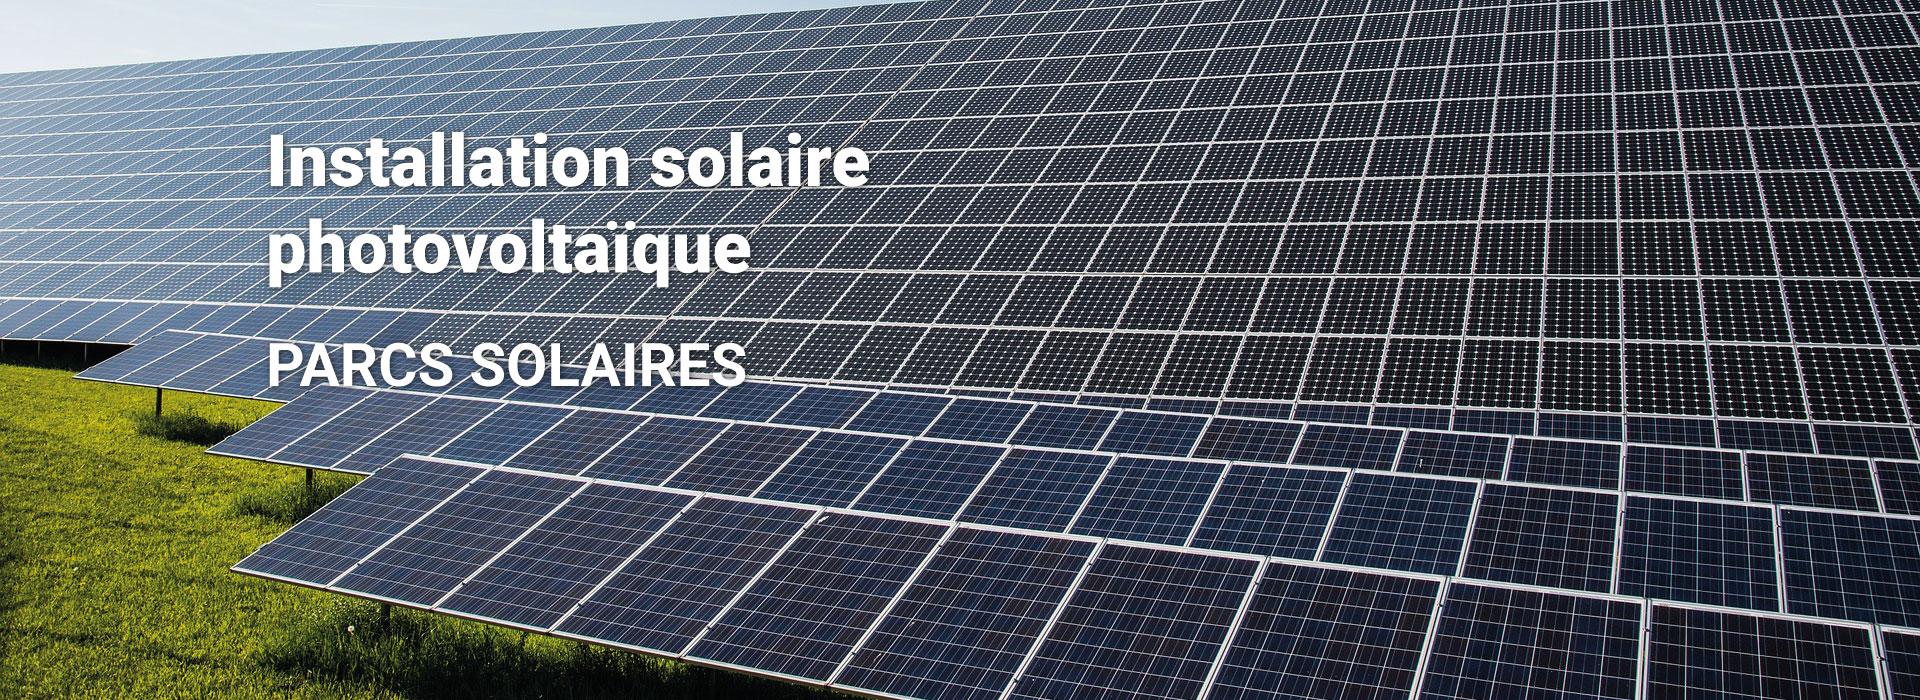 Installation solaire photovoltaïque | PARCS SOLAIRES